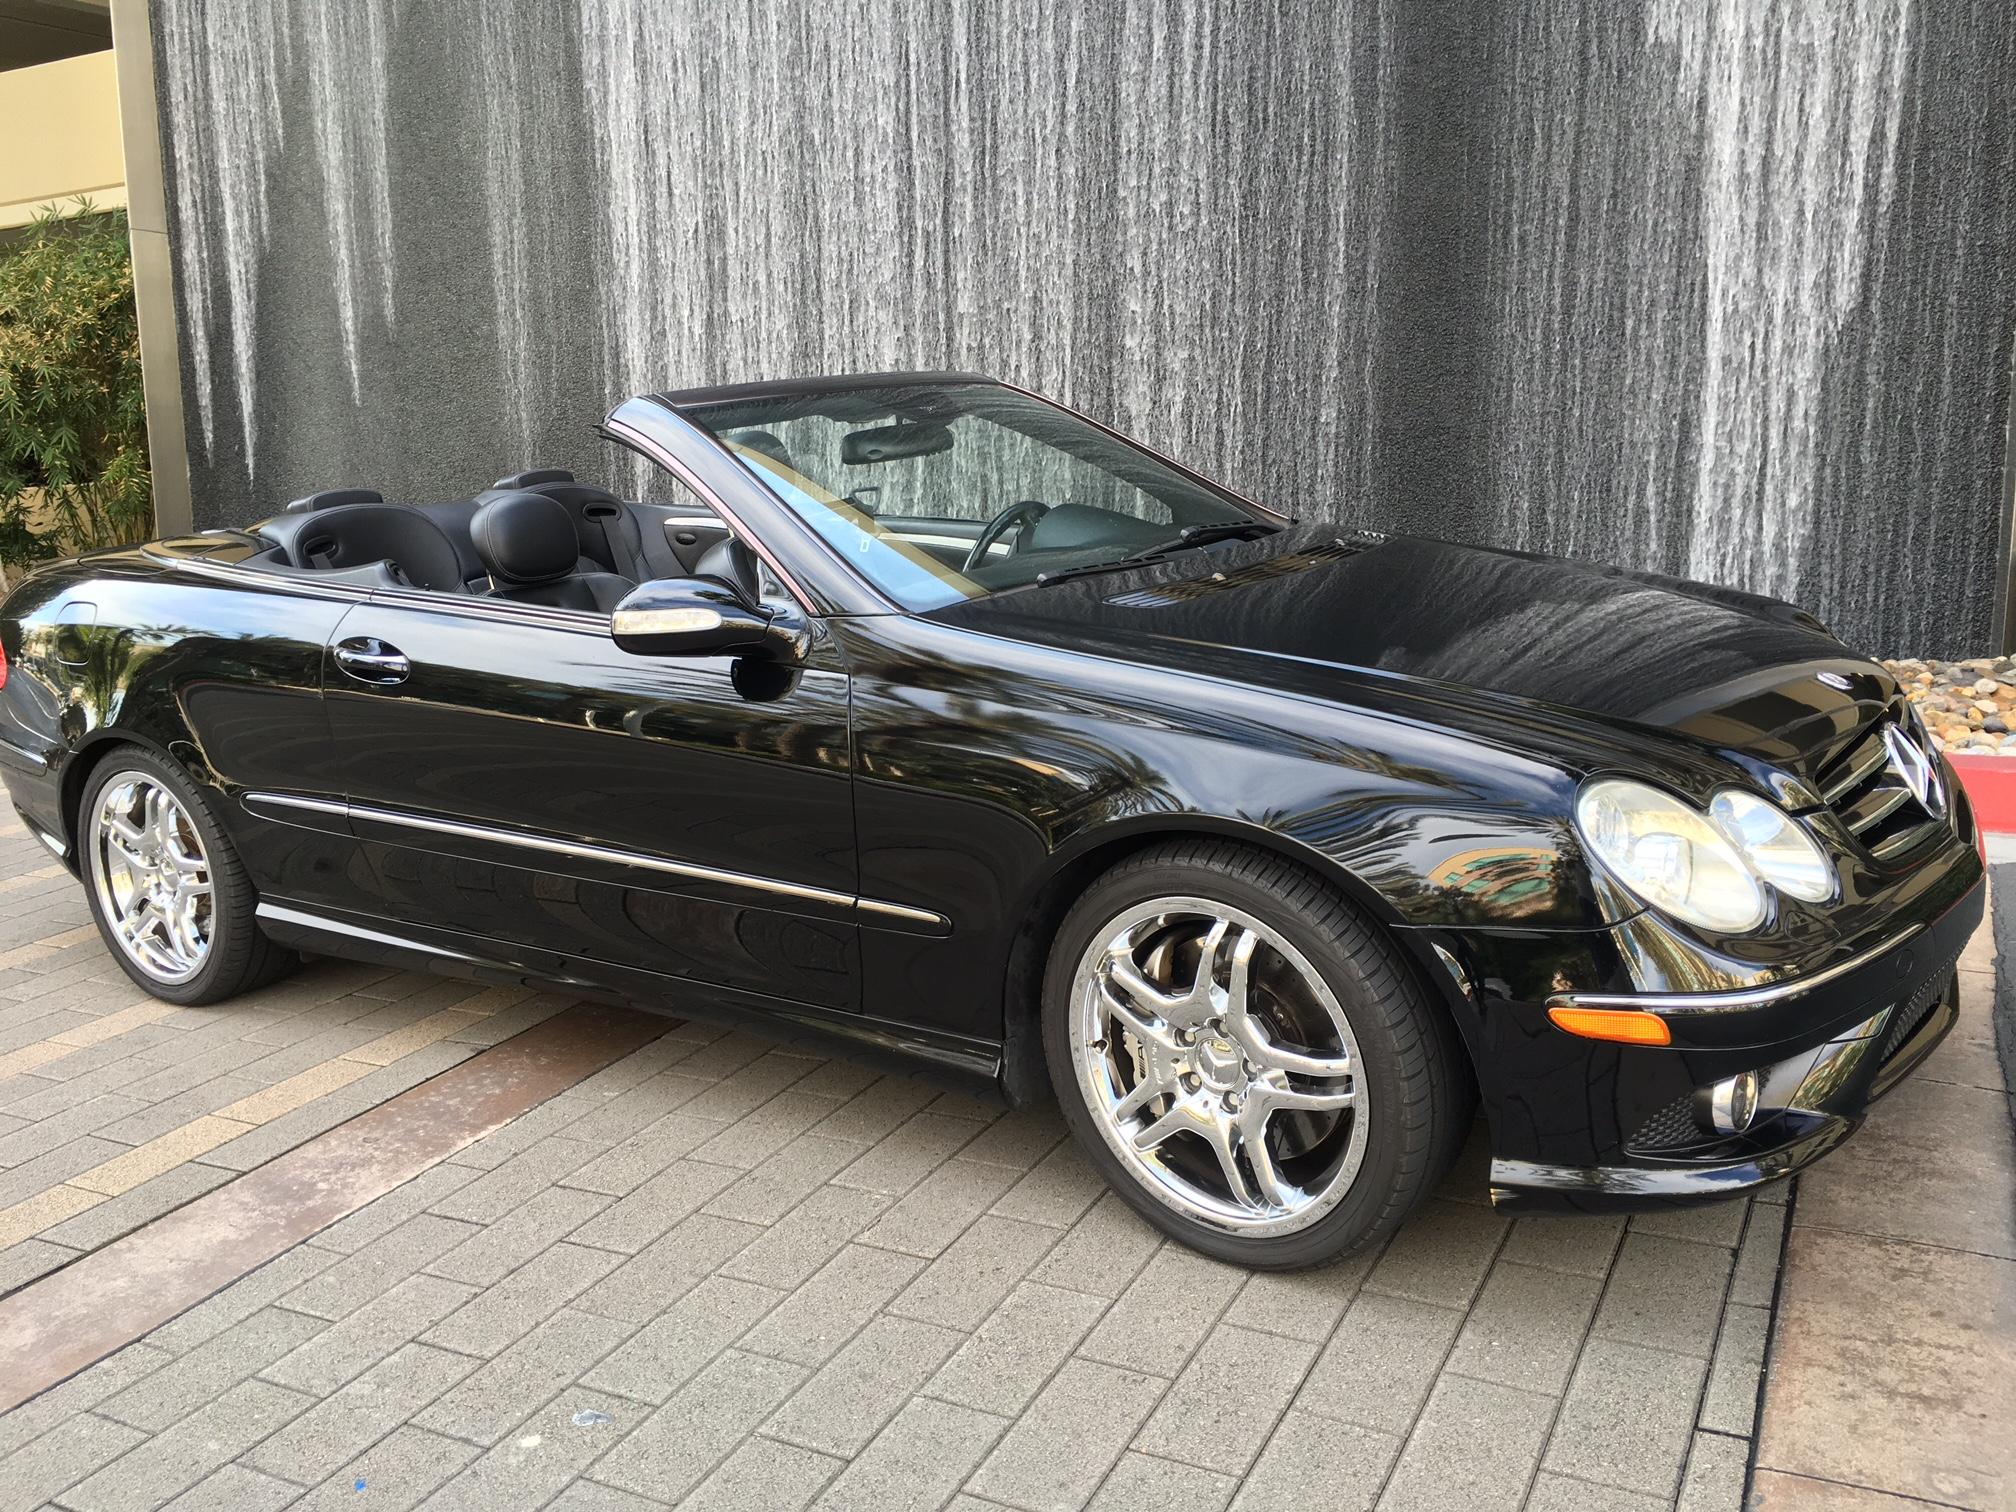 2006 Mercedes Benz CLK 55 AMG